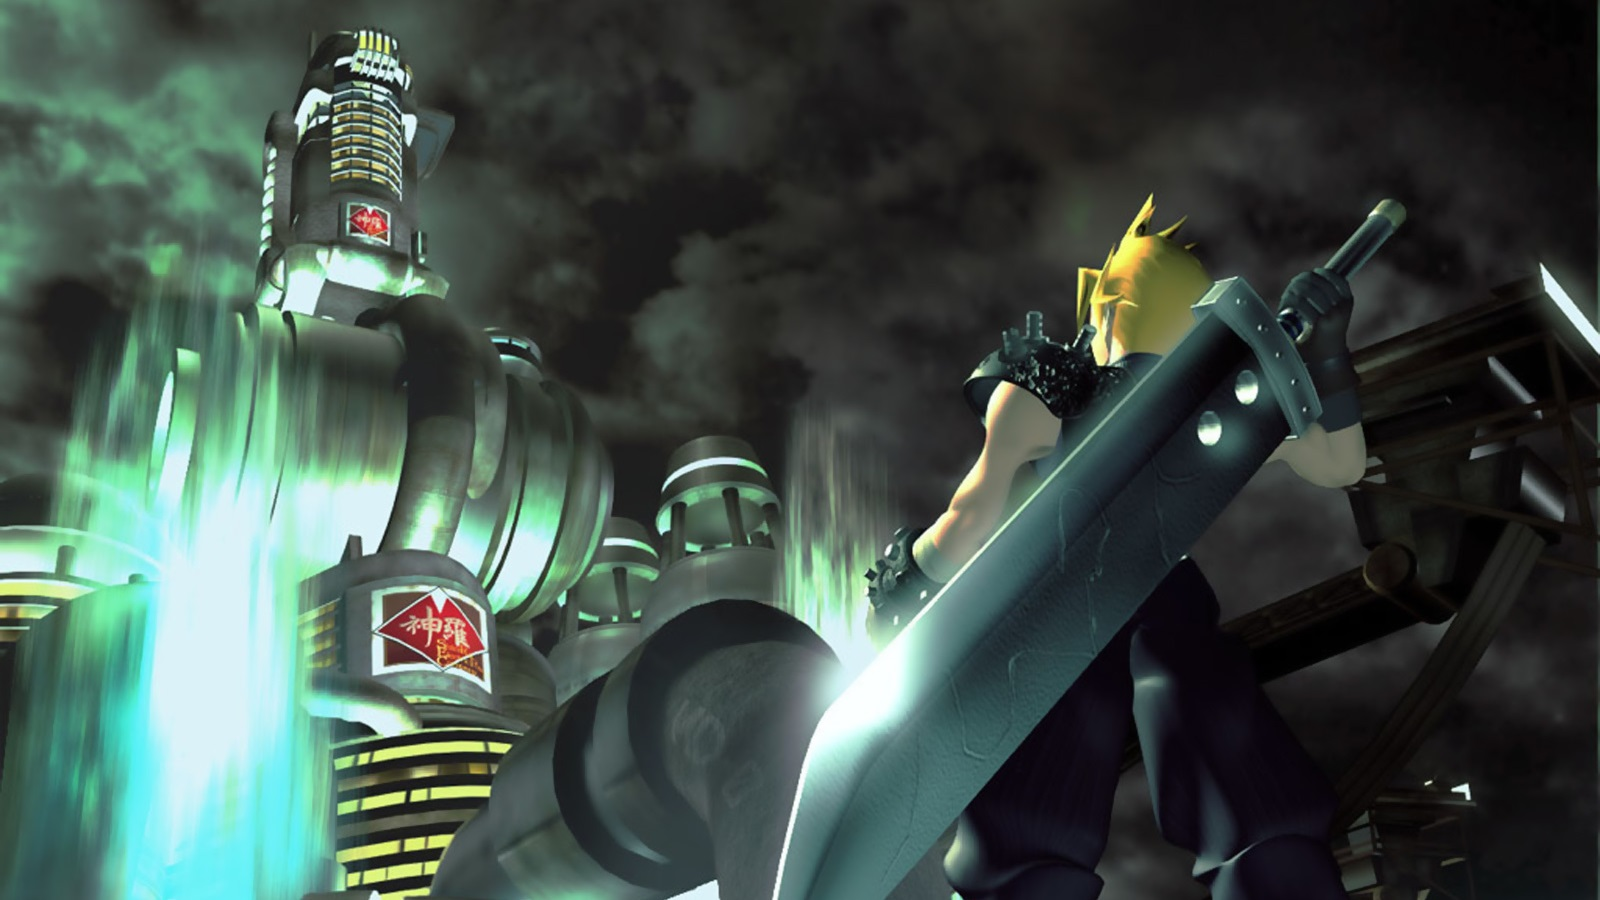 Partecipa al contest e vinci una copia di Final Fantasy VII!